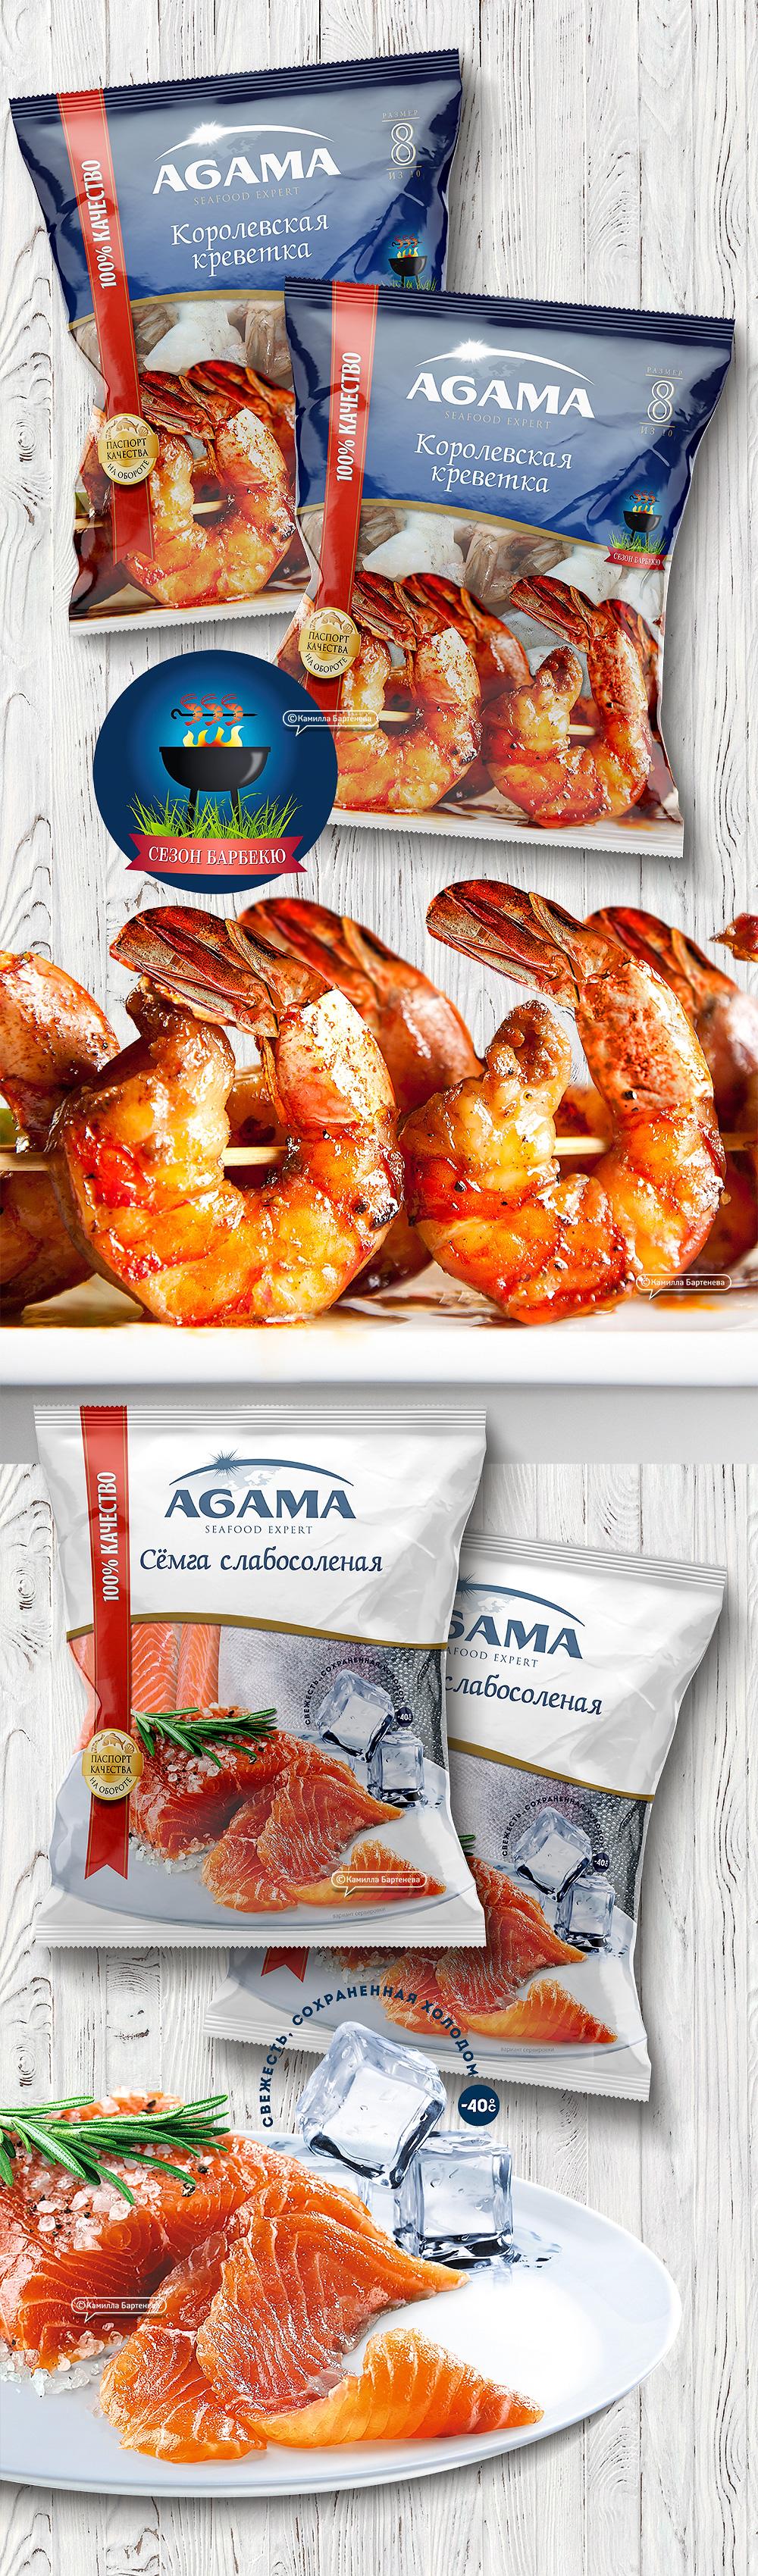 Agama. Рыба и морепродукты: создание новых продуктов в линейку существующих упаковок